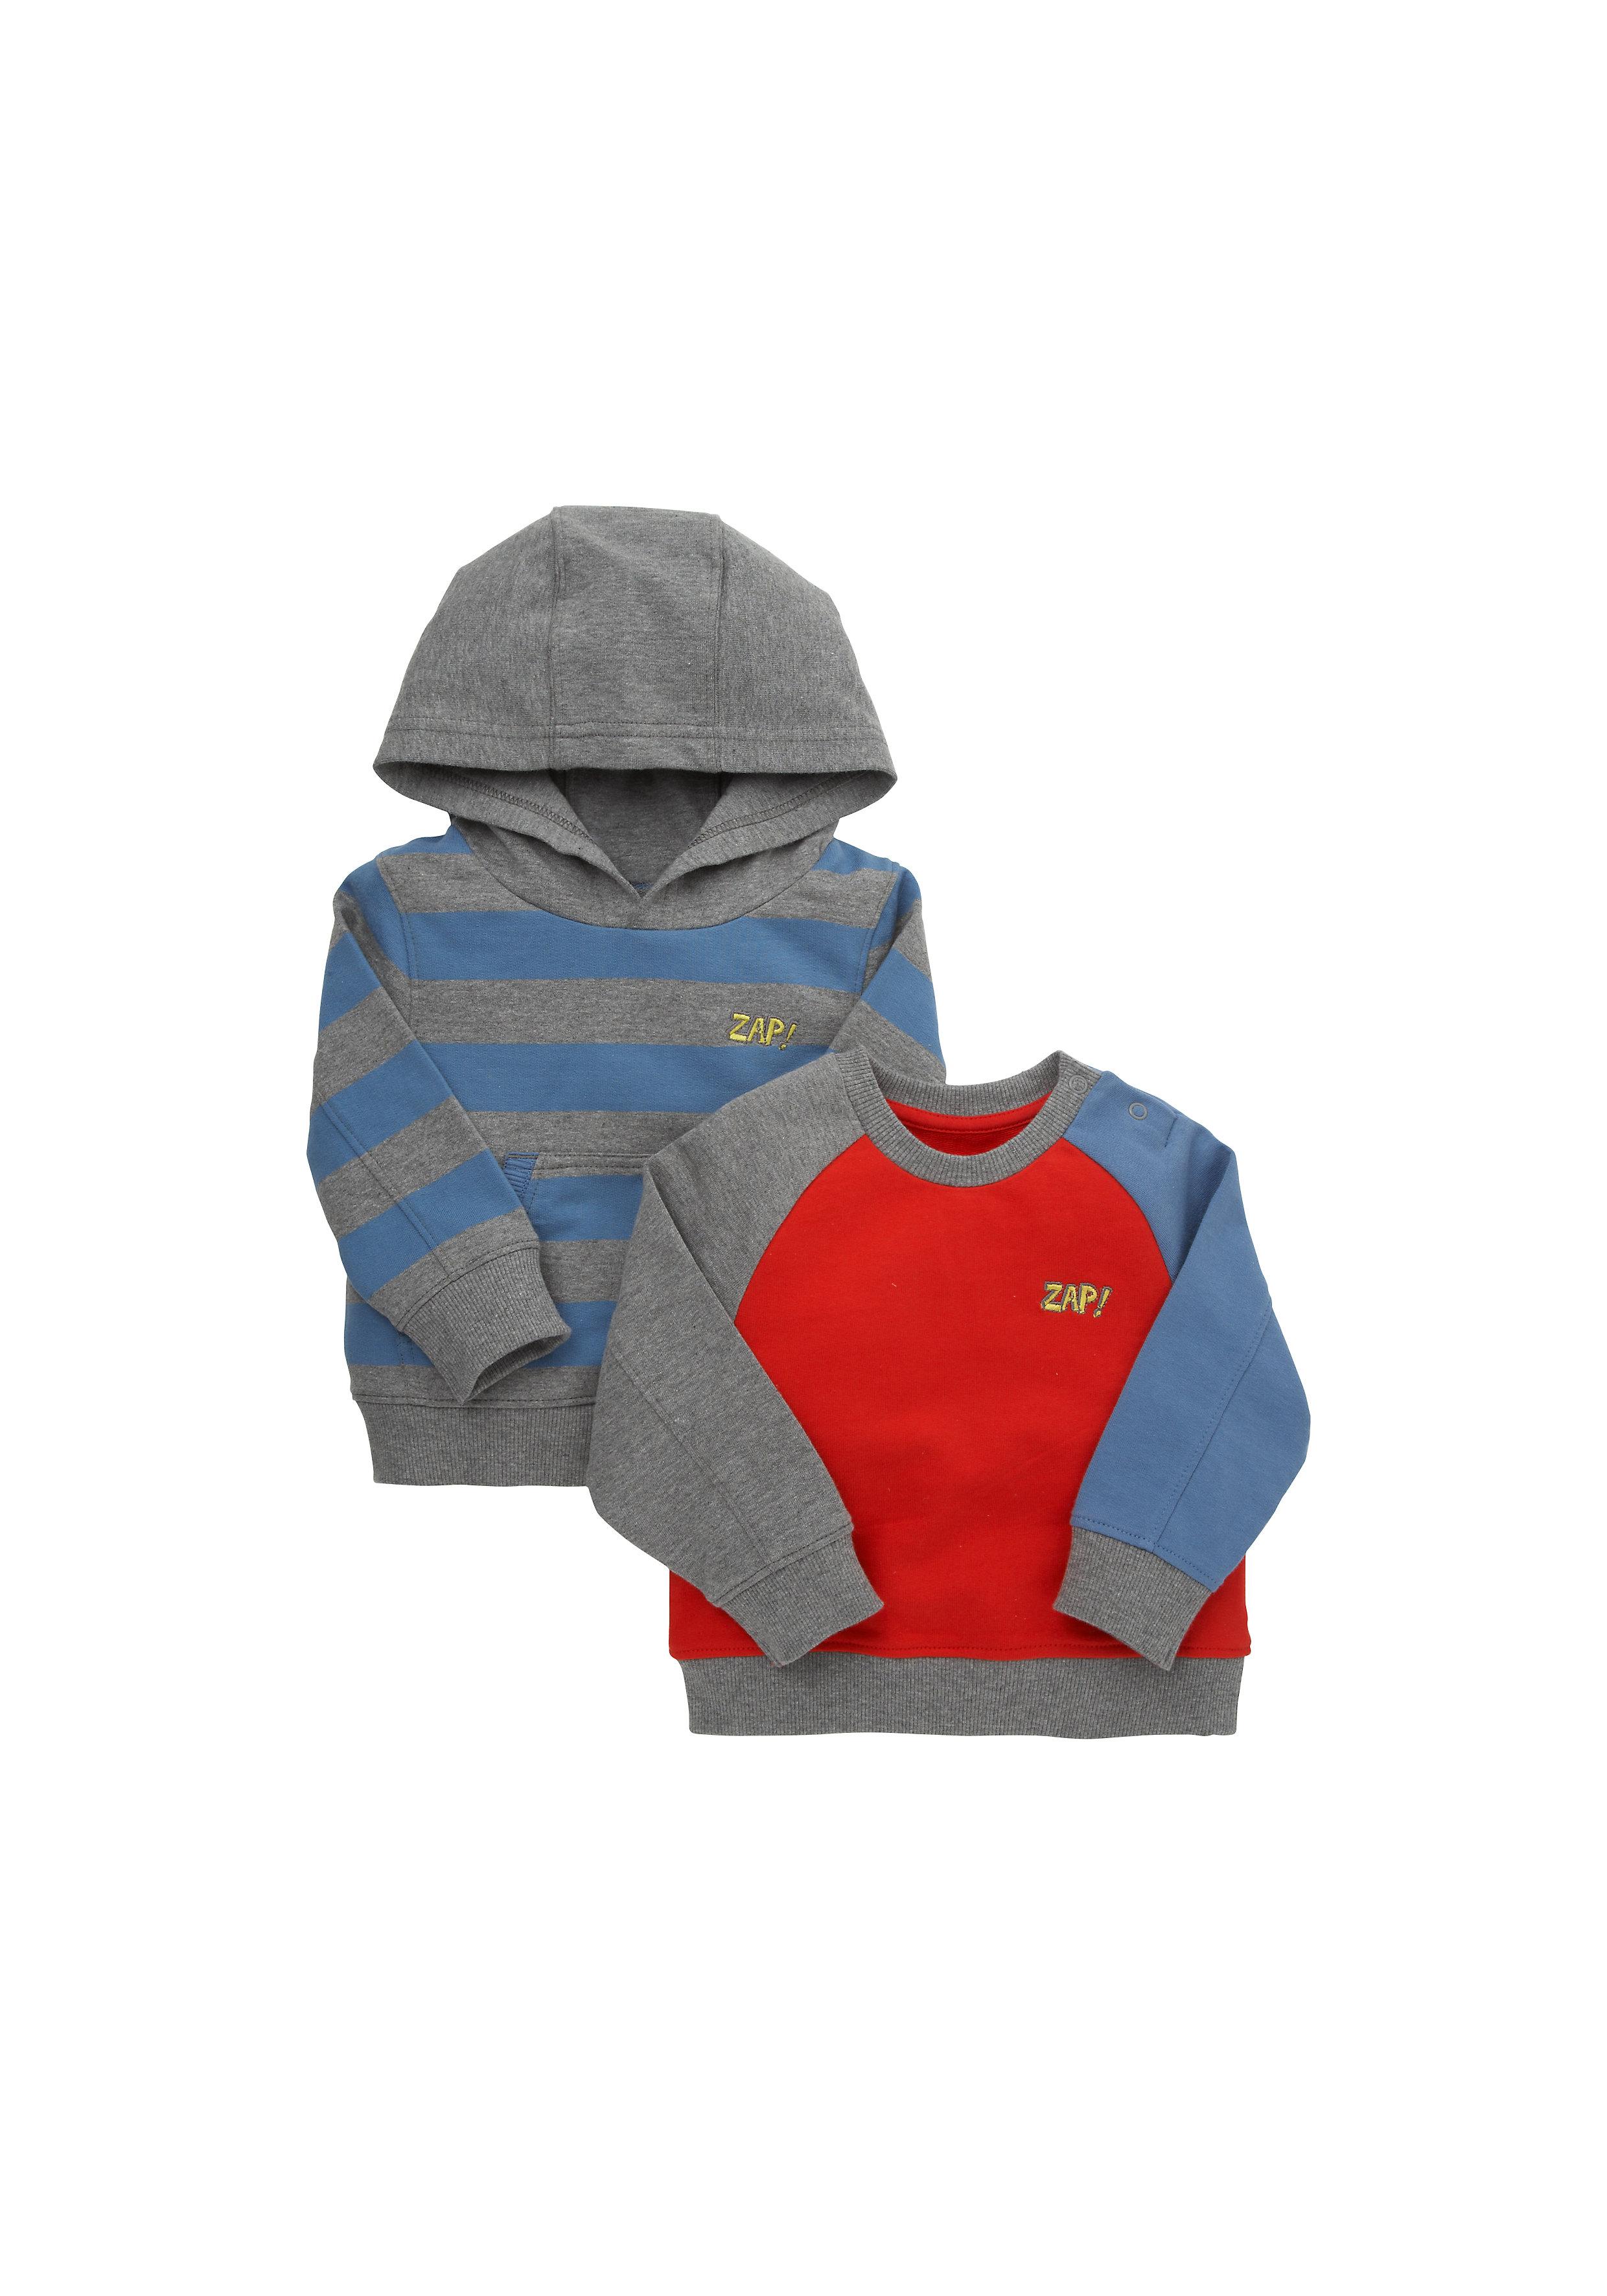 Mothercare | Boys Full Sleeves Sweatshirt Hooded - Pack Of 2 - Grey